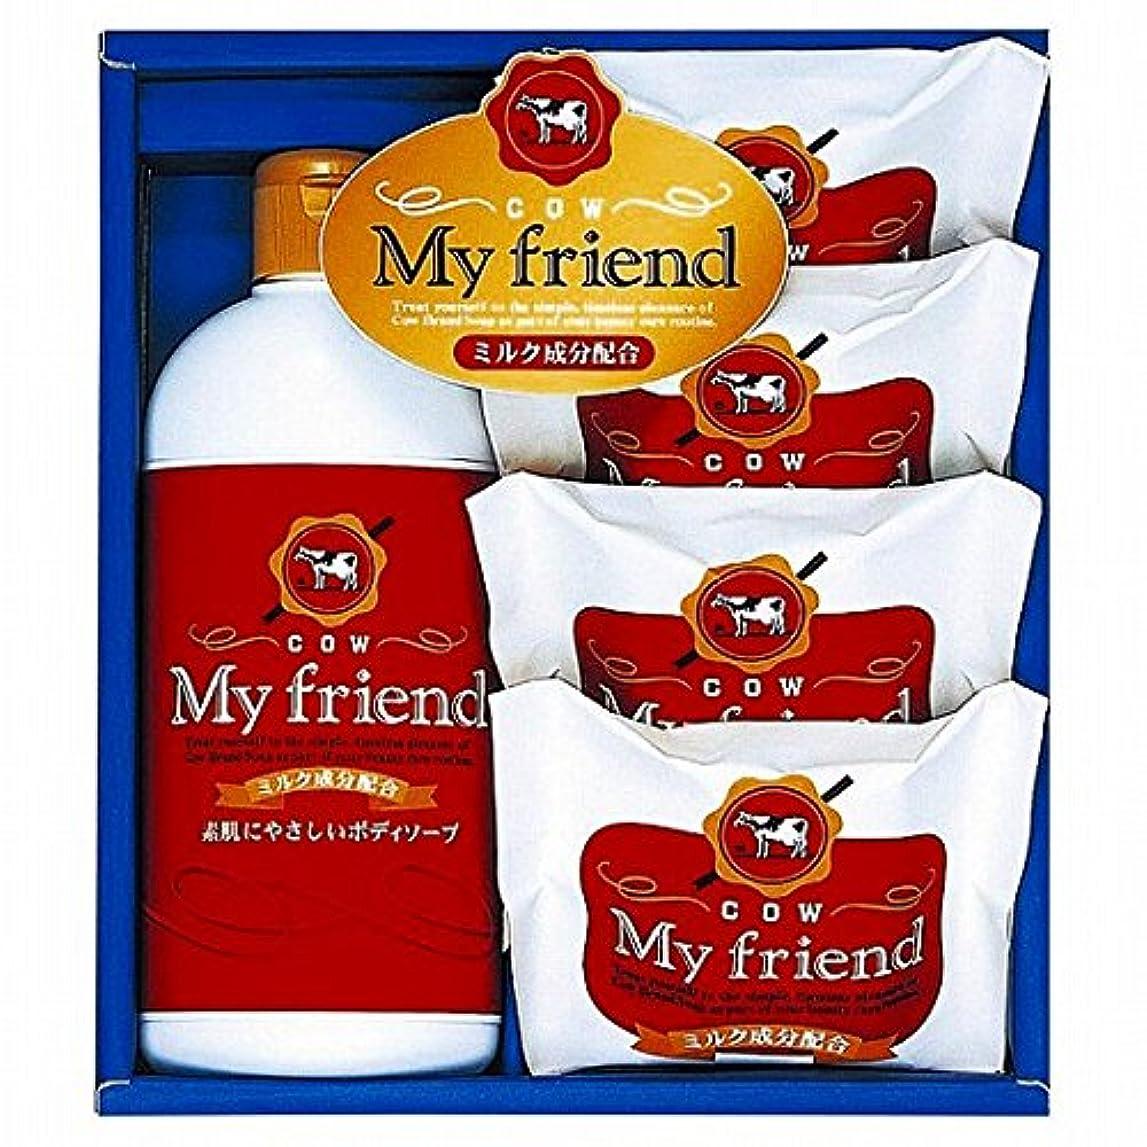 大理石日焼け利用可能nobrand 牛乳石鹸 マイフレンドボディソープセット (21940007)